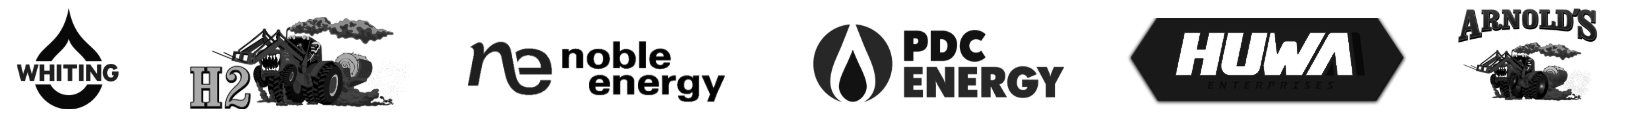 upstream-logos